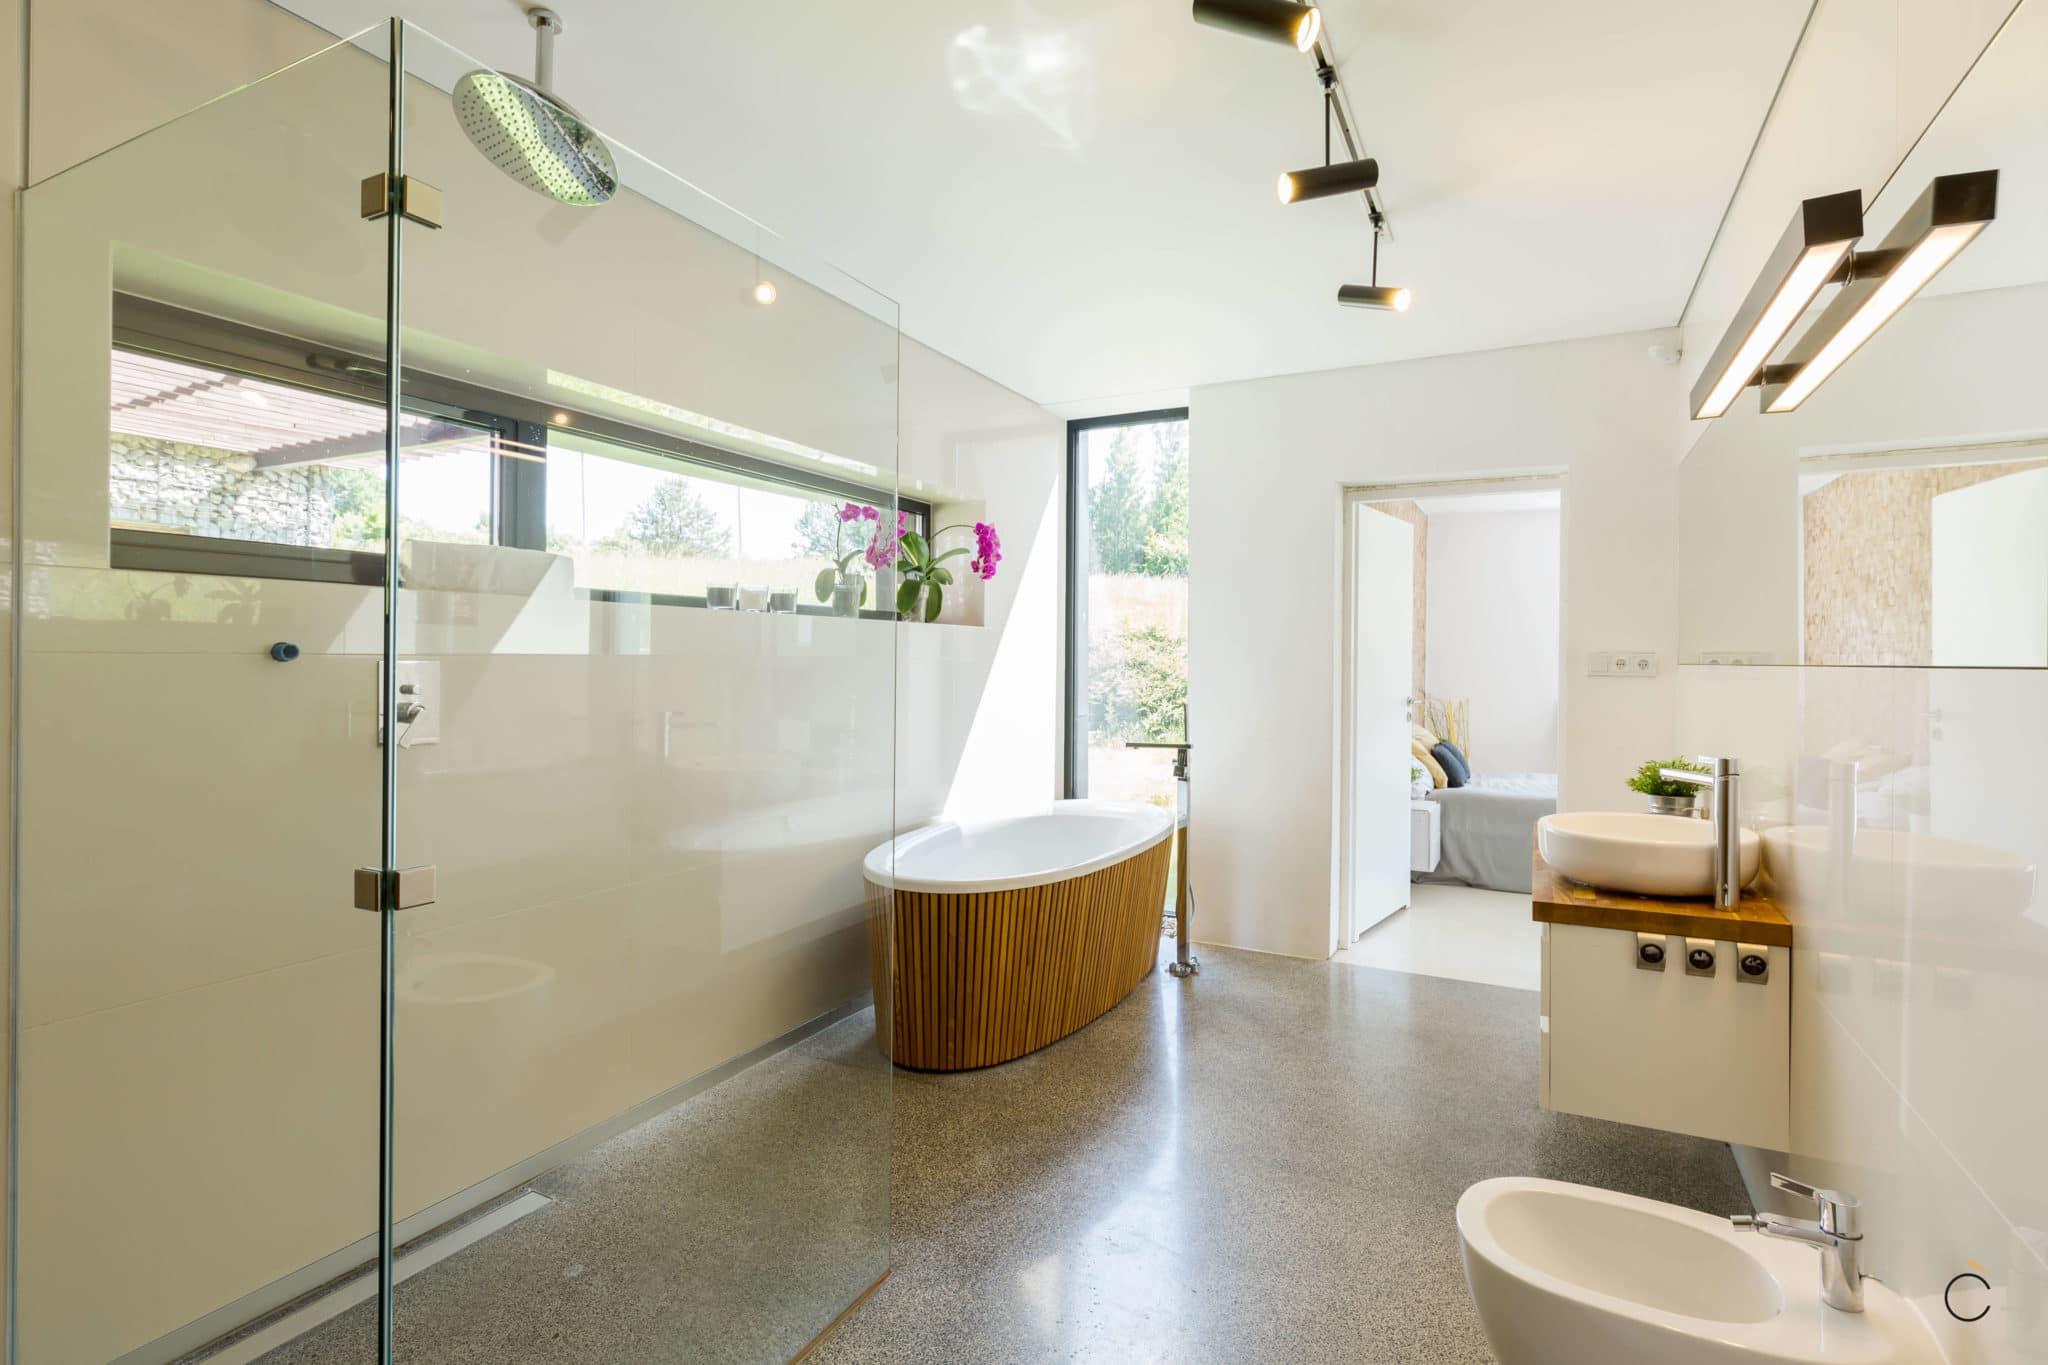 Baño moderno blanco con bañera - Baños modernos